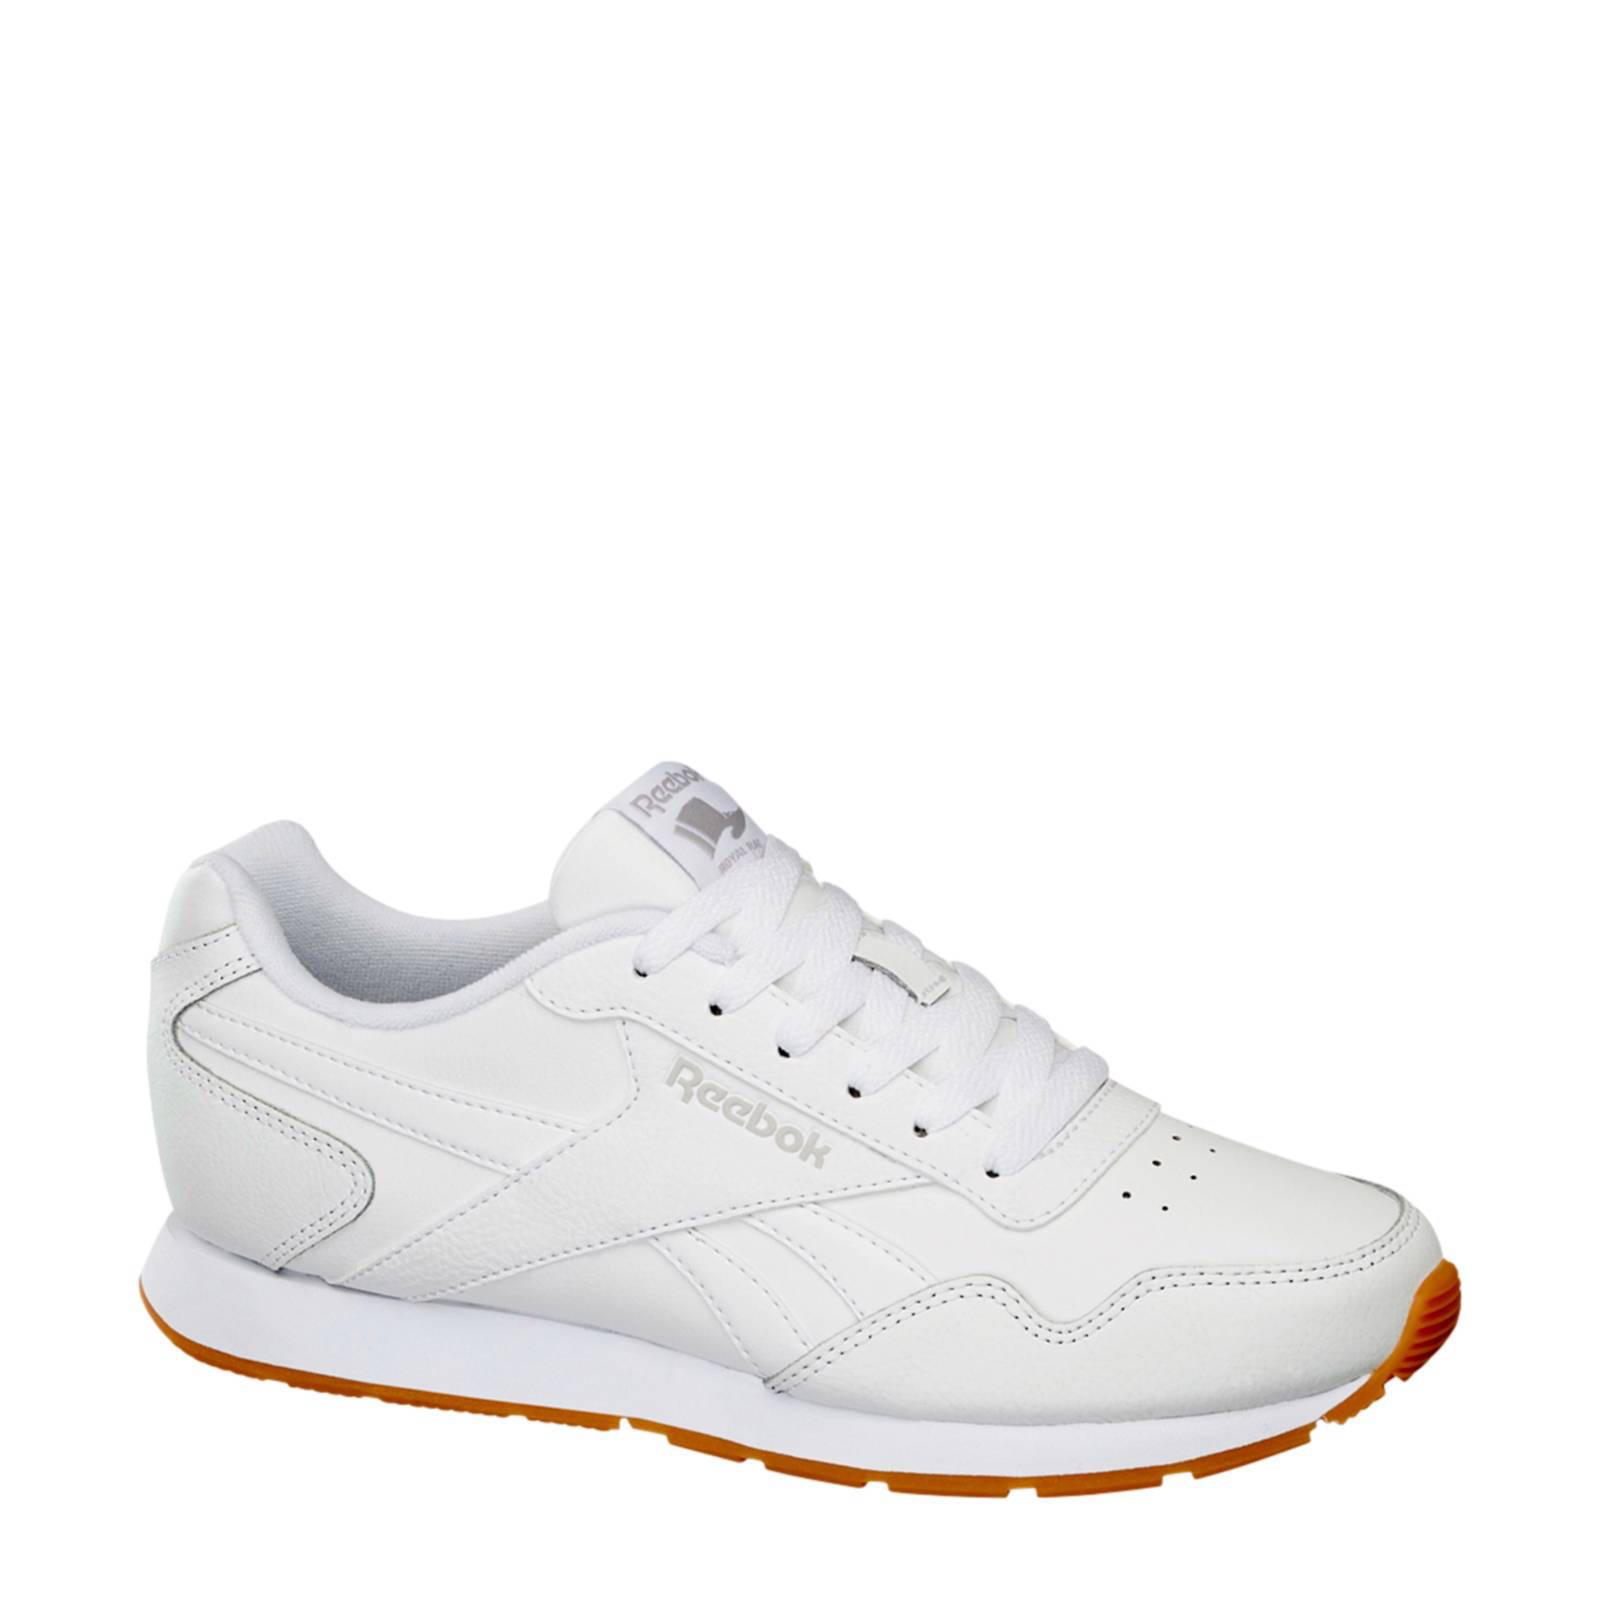 2a9b7134bfe Reebok Glide Colorway leren sneakers | wehkamp